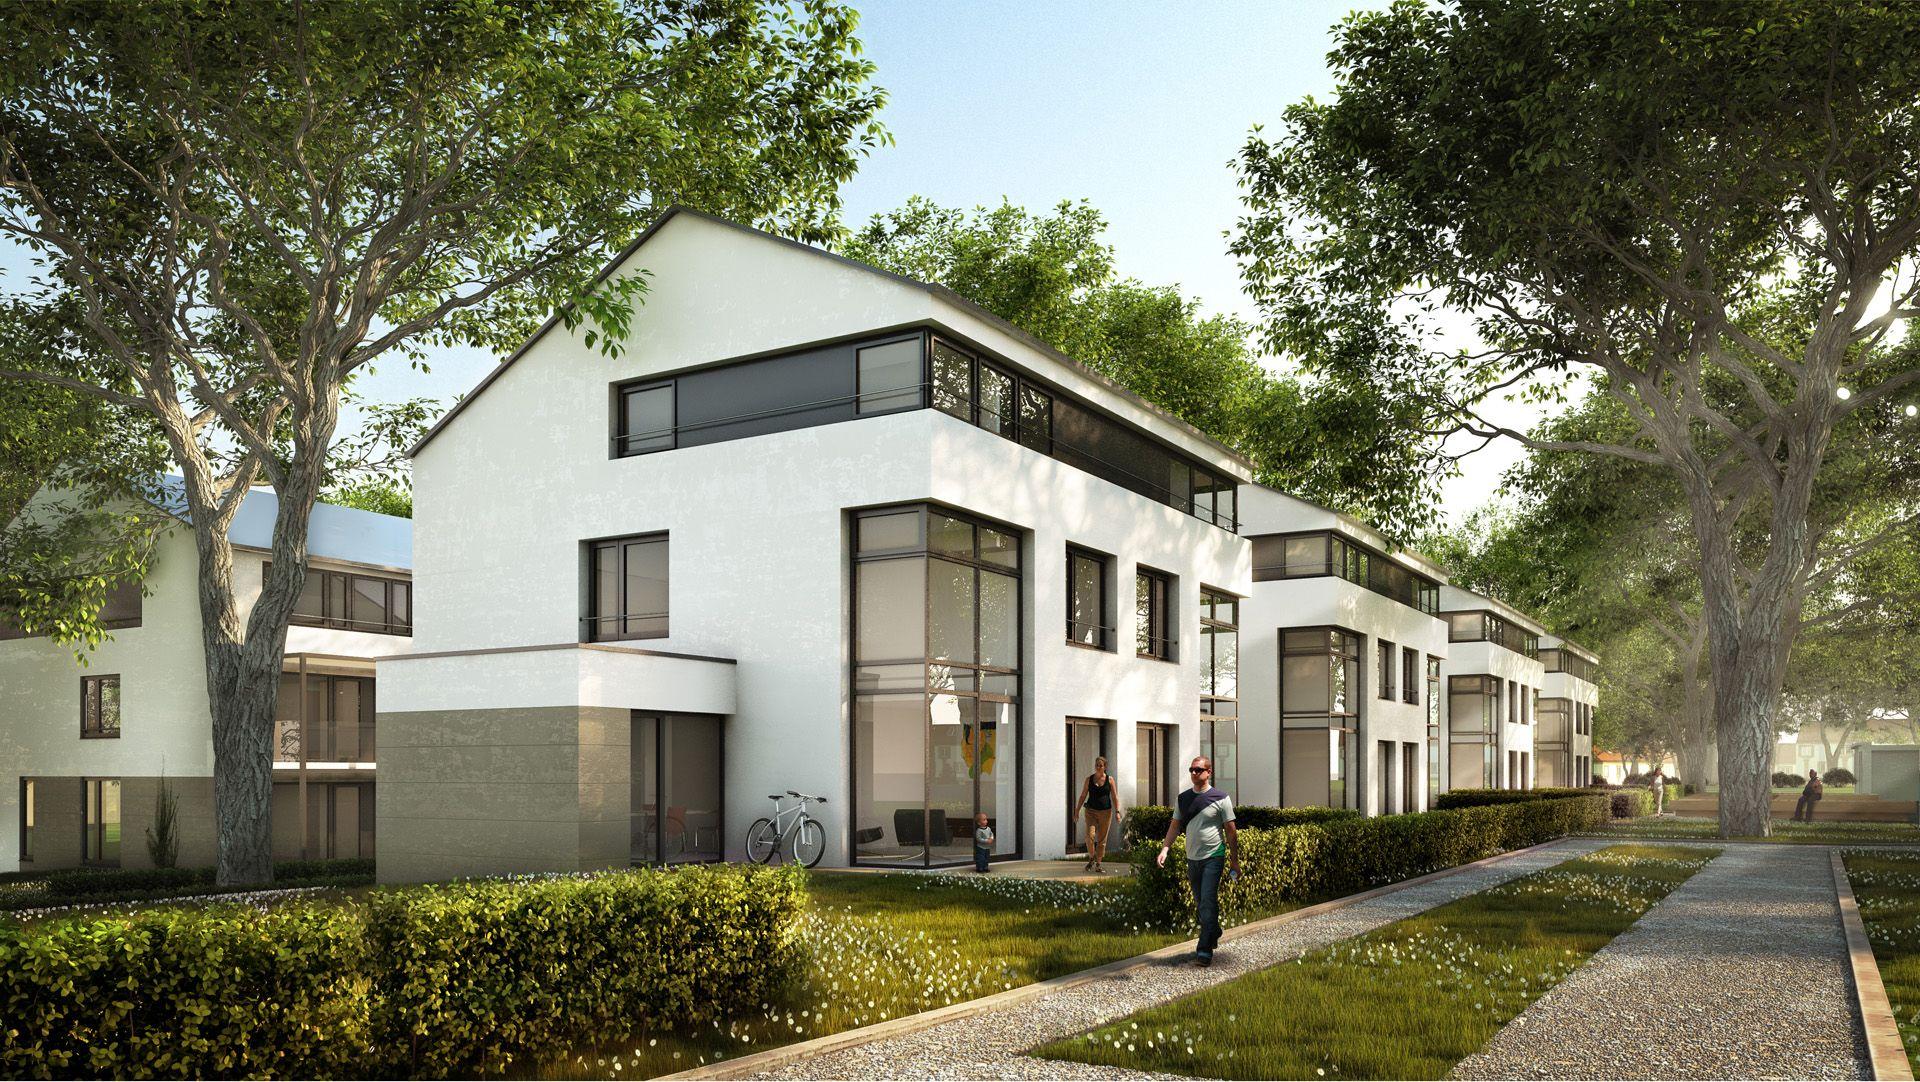 xoio gestaltet 3d visualisierung landschaftsplanung und architektur des wohnungsbauprojektes. Black Bedroom Furniture Sets. Home Design Ideas